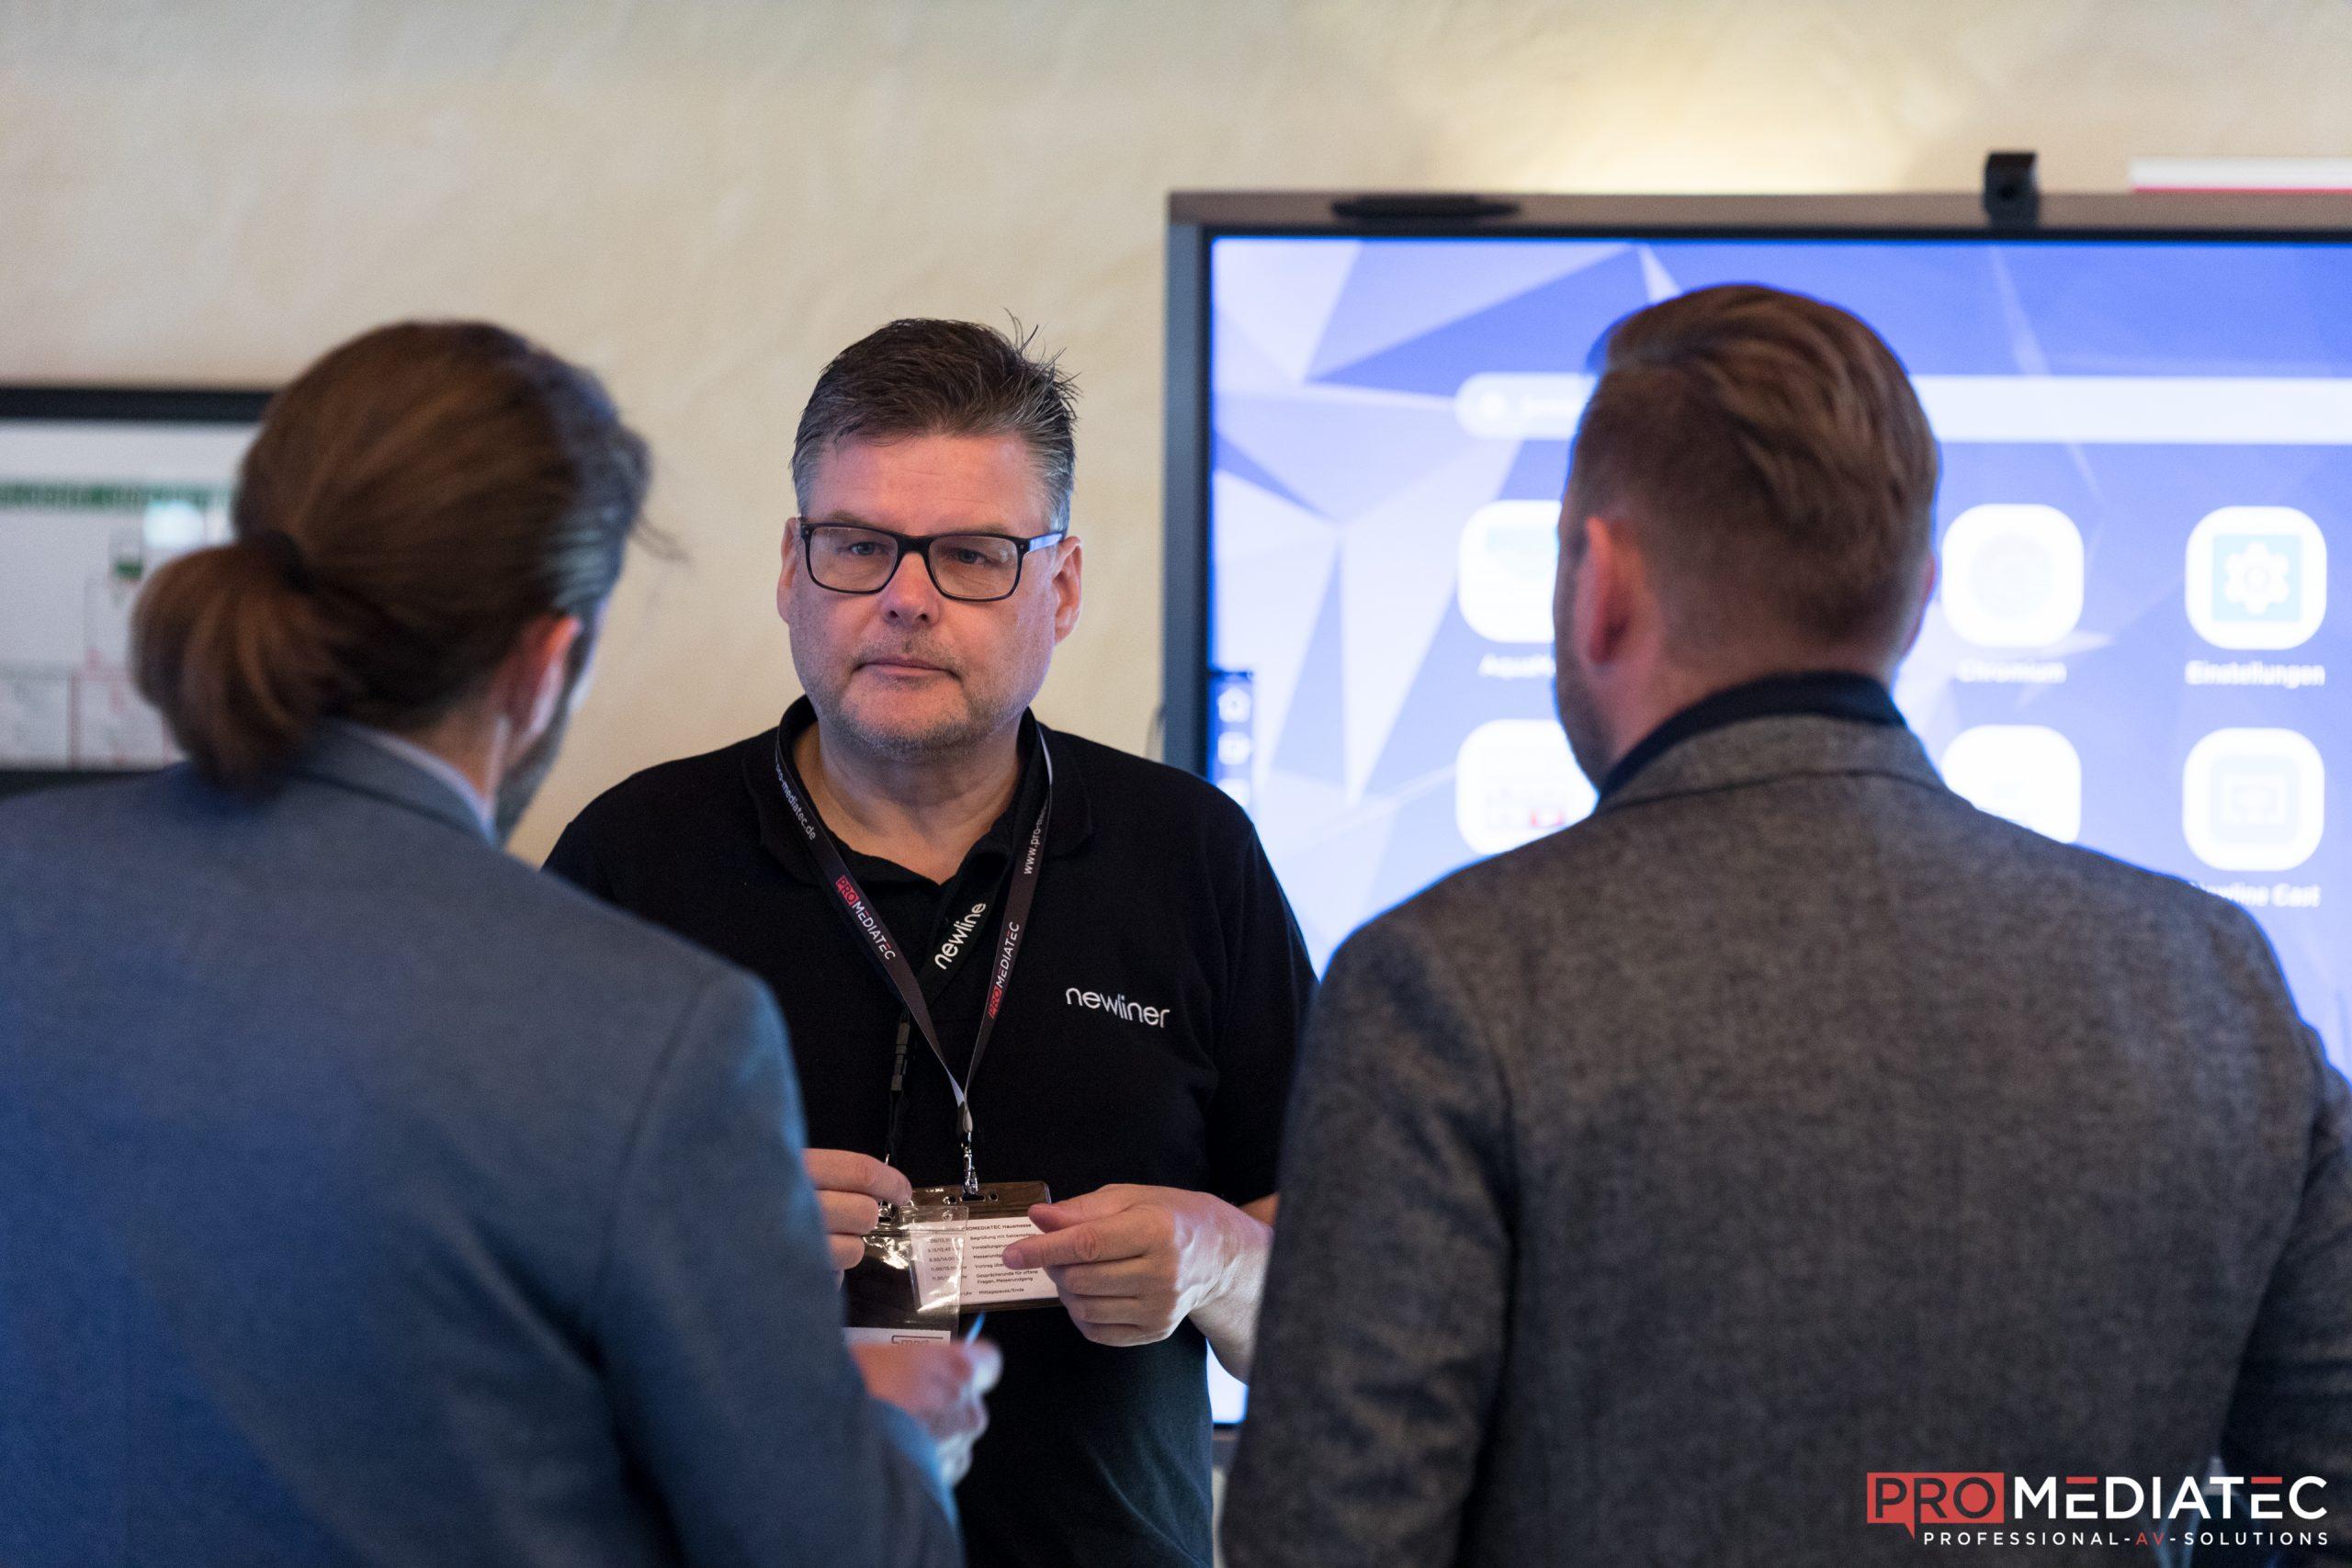 PROMEDIATEC präsentierte auf der Hausmesse im Spa & GolfResort Weimarer Land in Blankenhain aktuelle Medientechnik mit interessanten Specials.